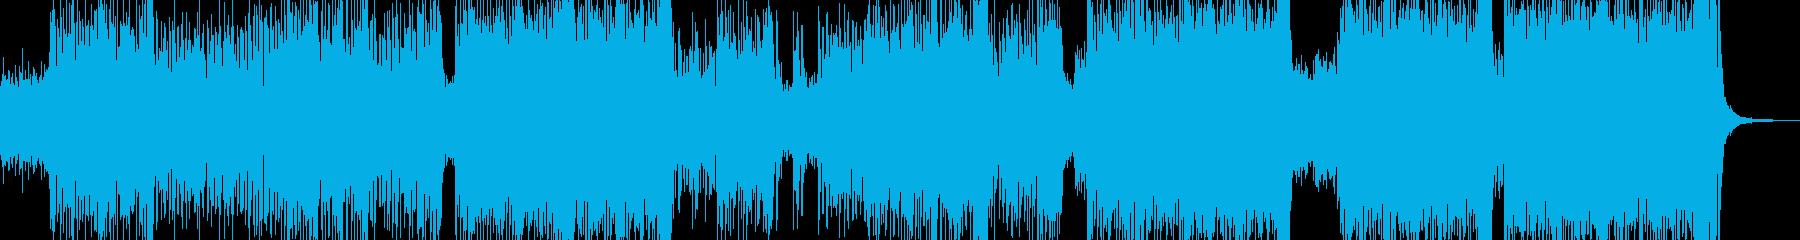 ゆめかわな雰囲気・テクノポップ 長尺+の再生済みの波形